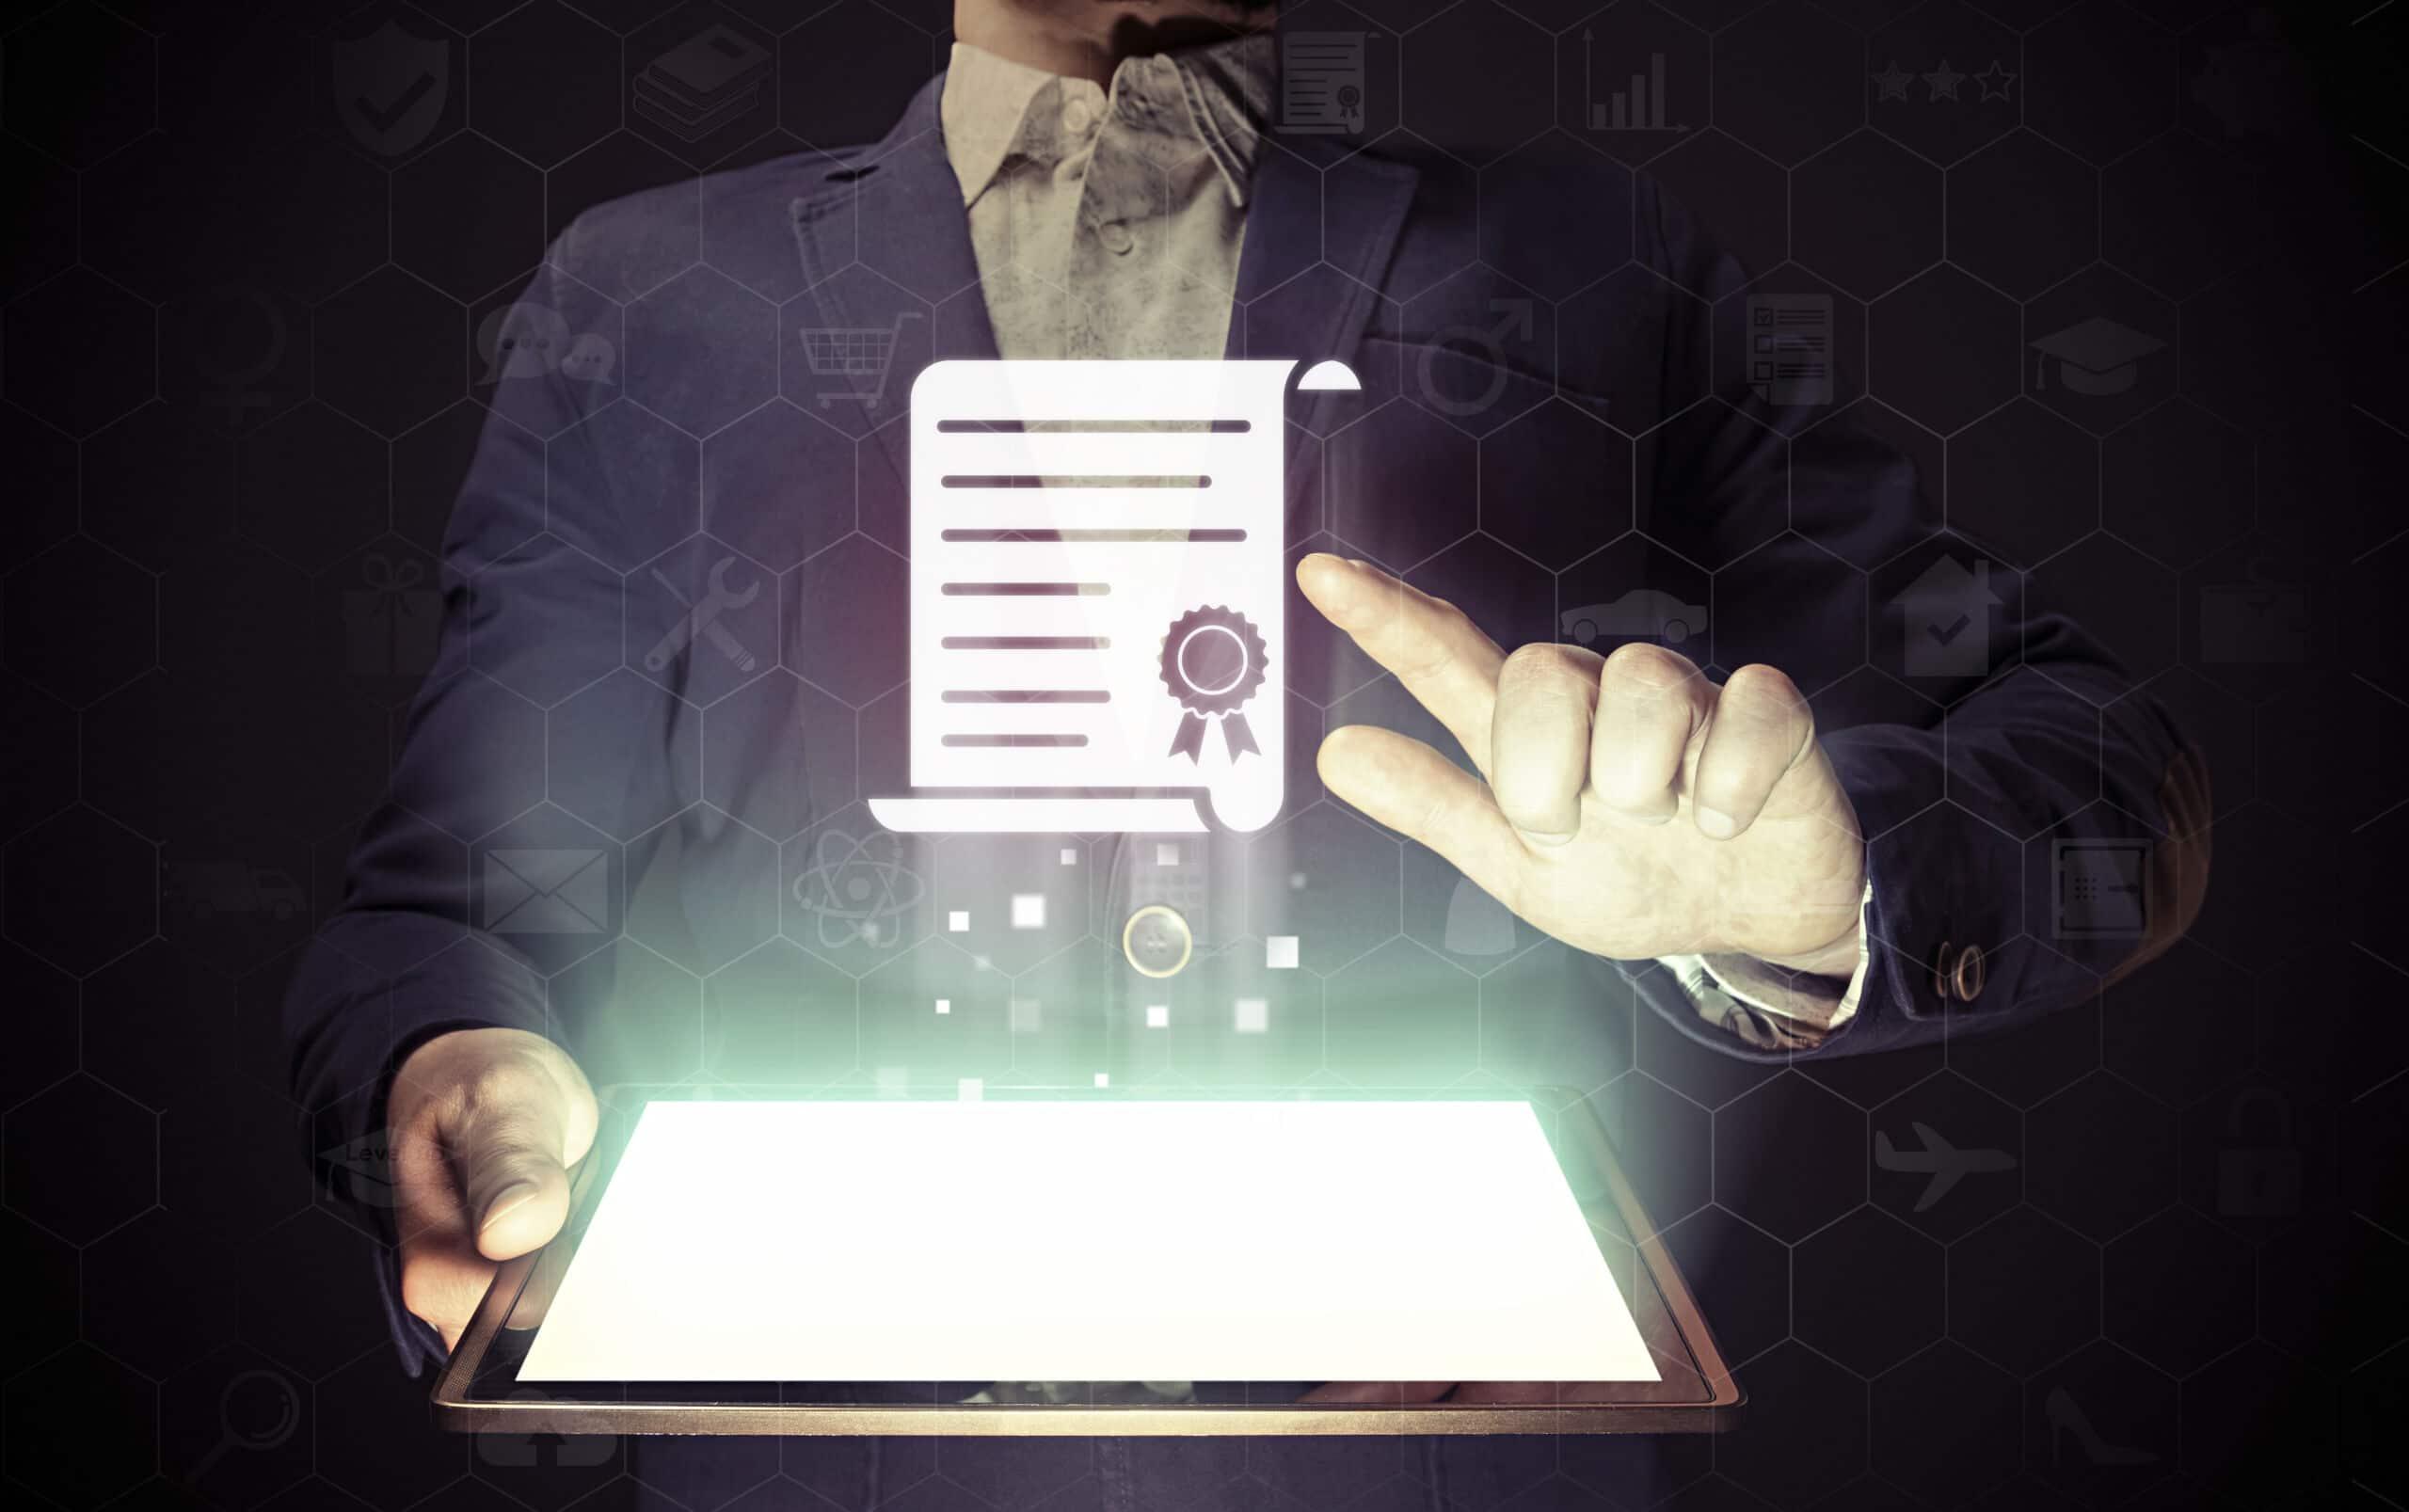 Digitale Unterschrift und digitale Signatur Dinotronic